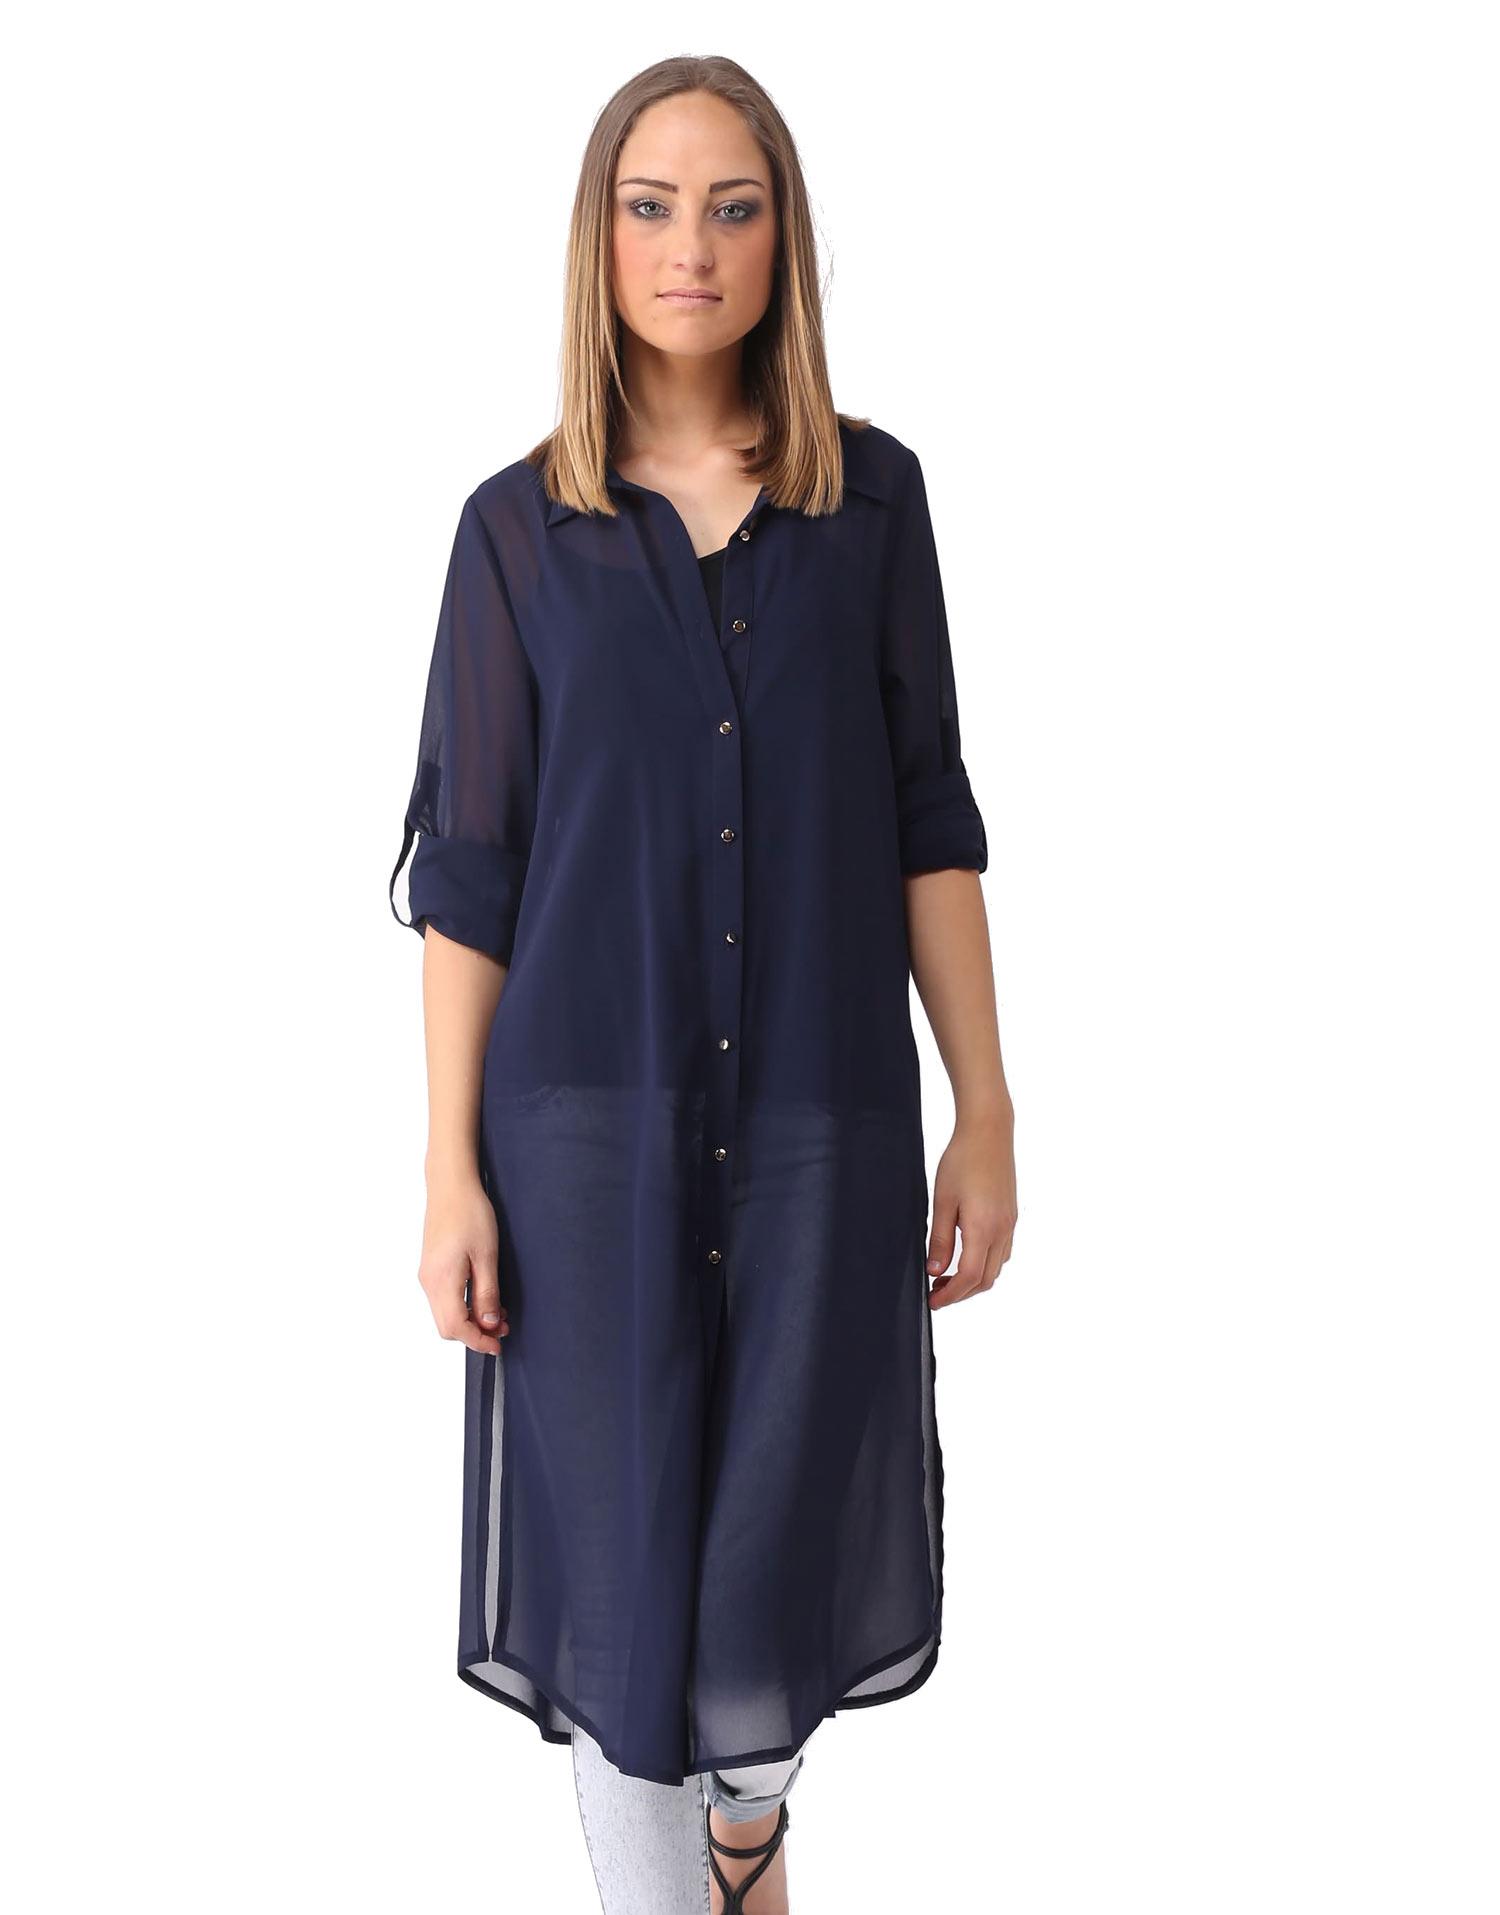 des chemises longues pour femmes chapka doudoune pull vetement d 39 hiver. Black Bedroom Furniture Sets. Home Design Ideas